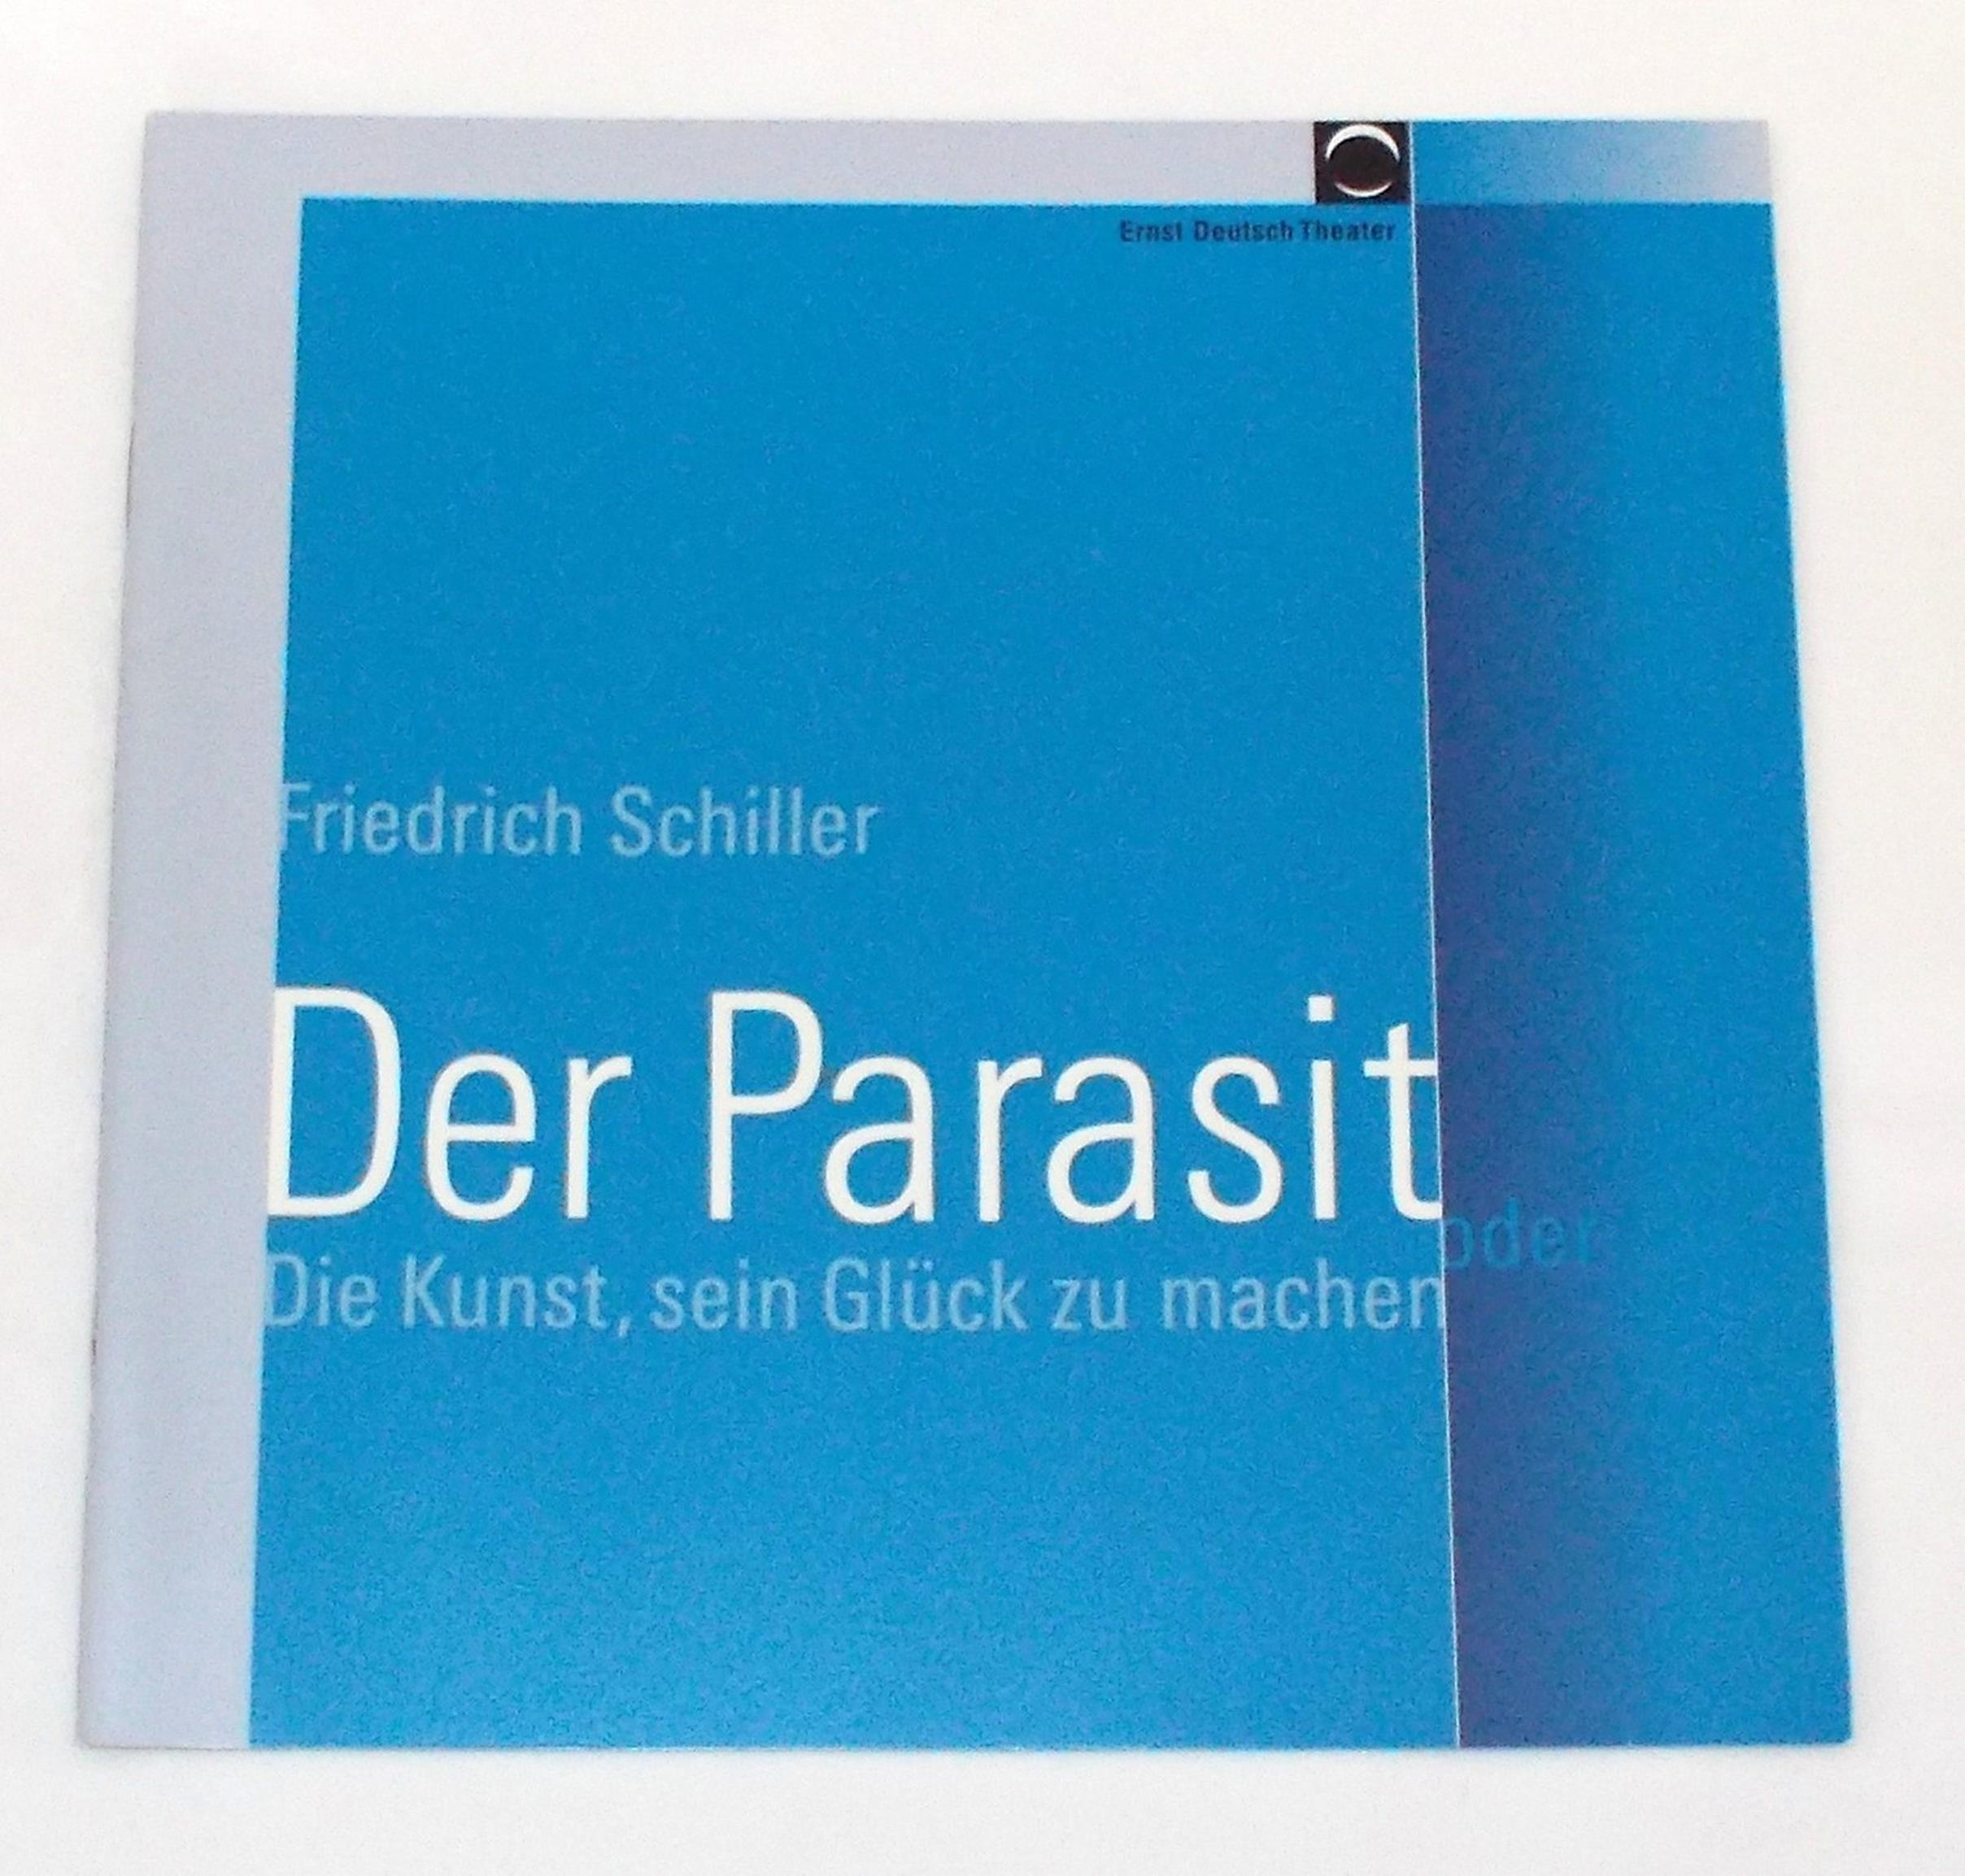 Programmheft Der Parasit von Friedrich Schiller. Ernst Deutsch Theater 2005